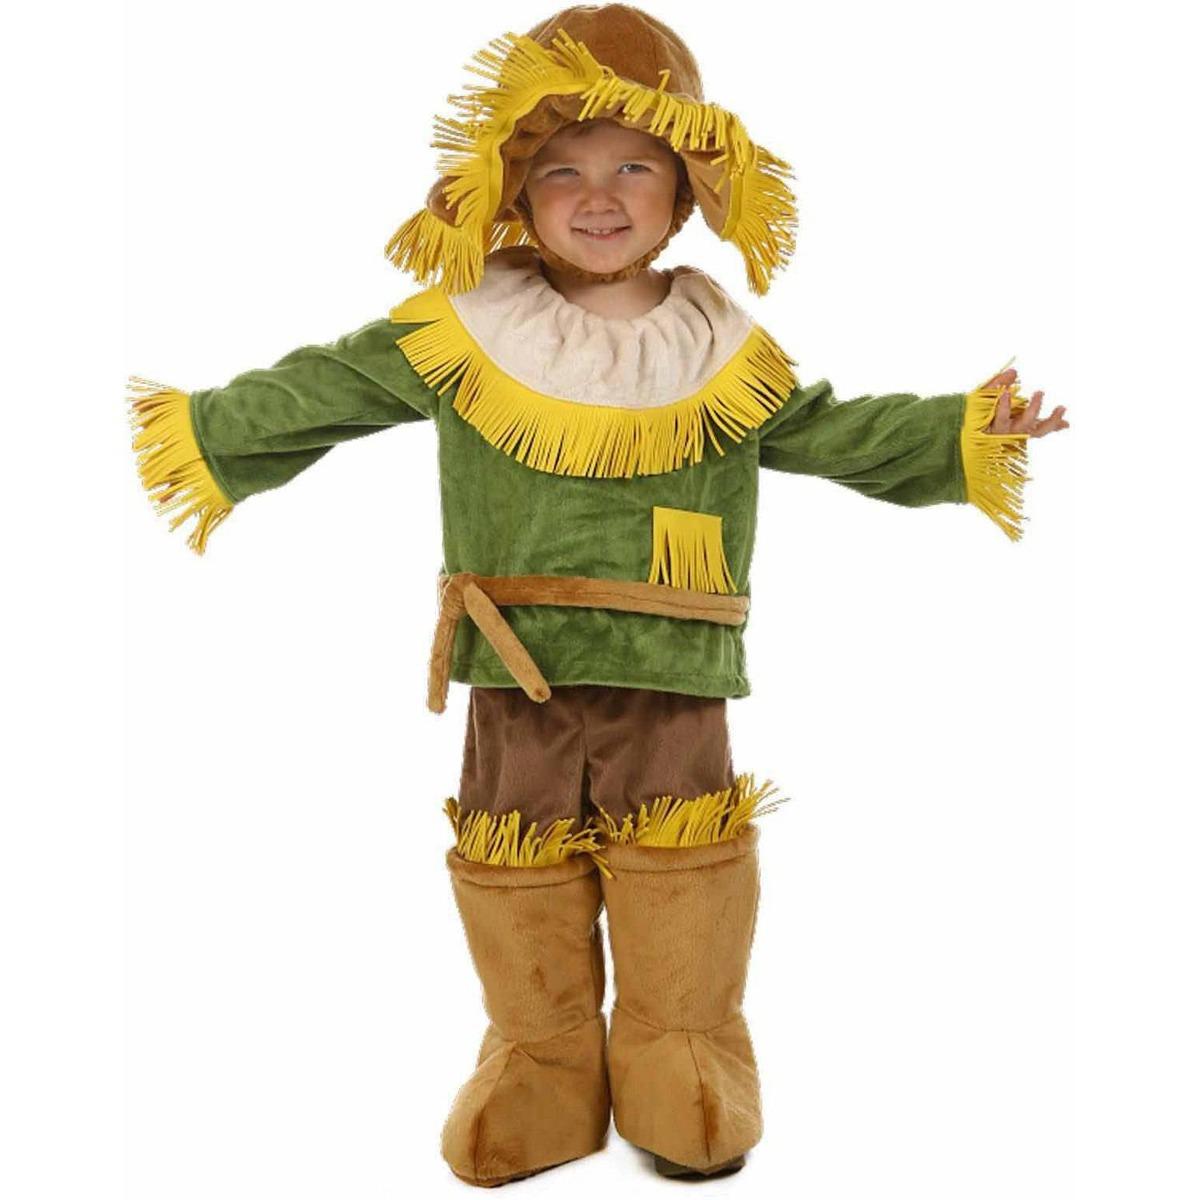 c245920d4 Disfraz De Espantapájaros Mago De Oz Para Niño Talla: